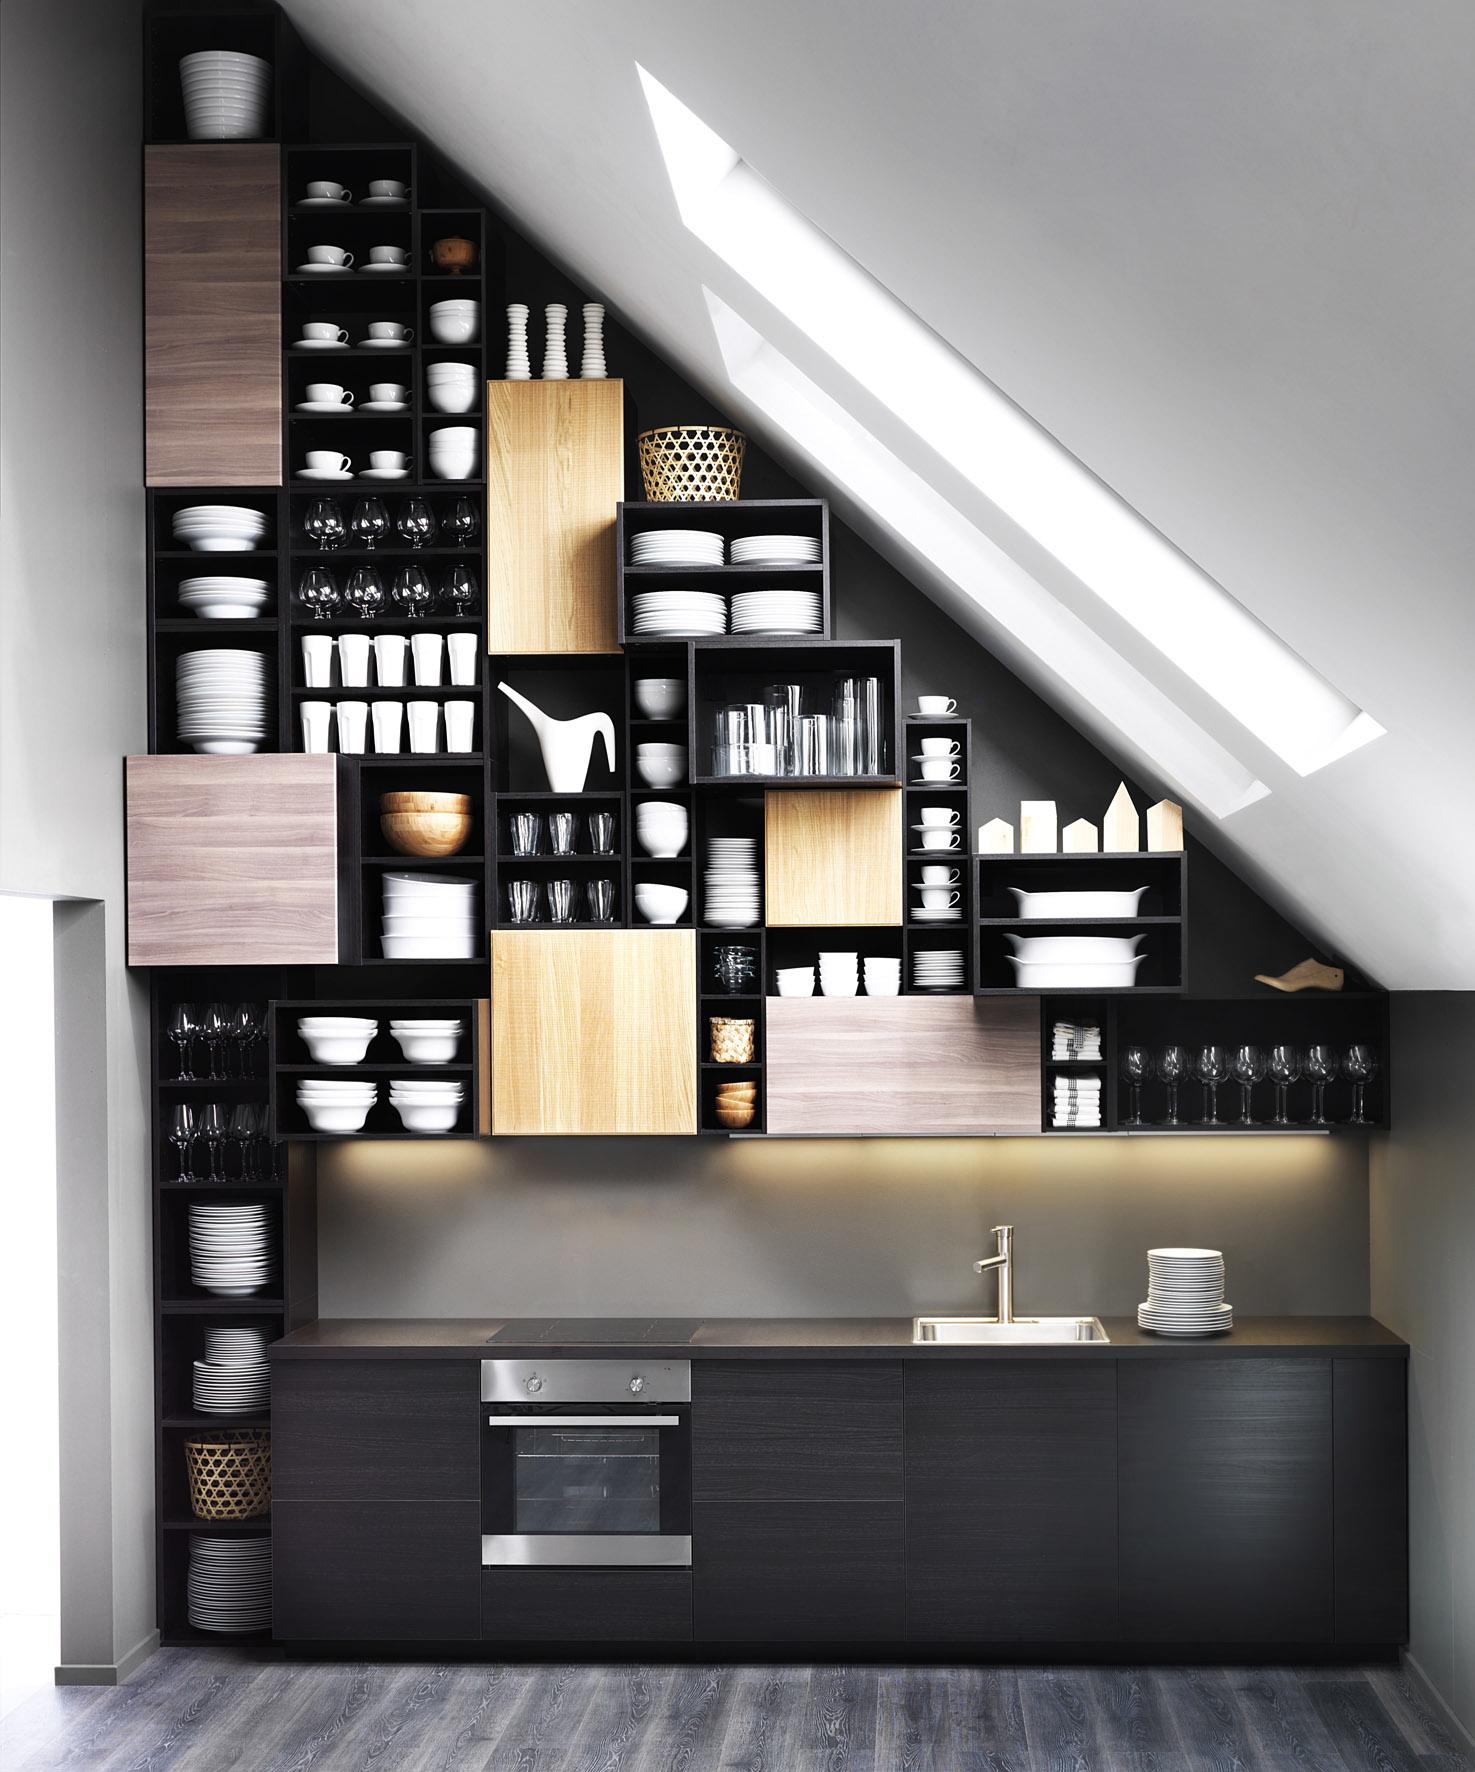 De Nieuwe Metod Keukens Van Ikea Uw Keukennl